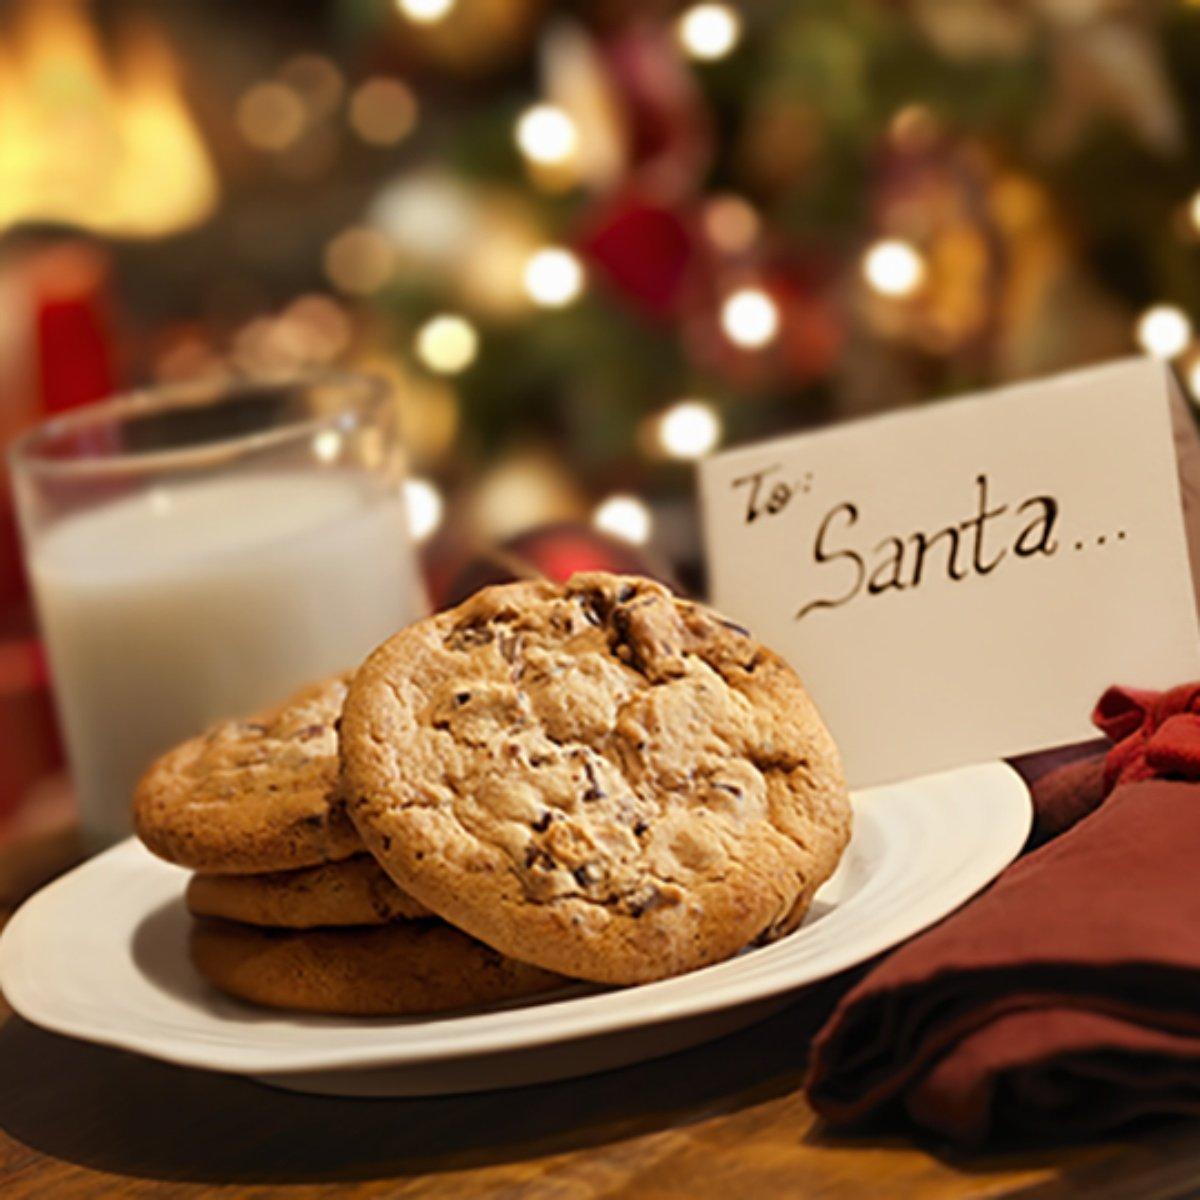 เตรียมขนมและนมให้กับซานต้า